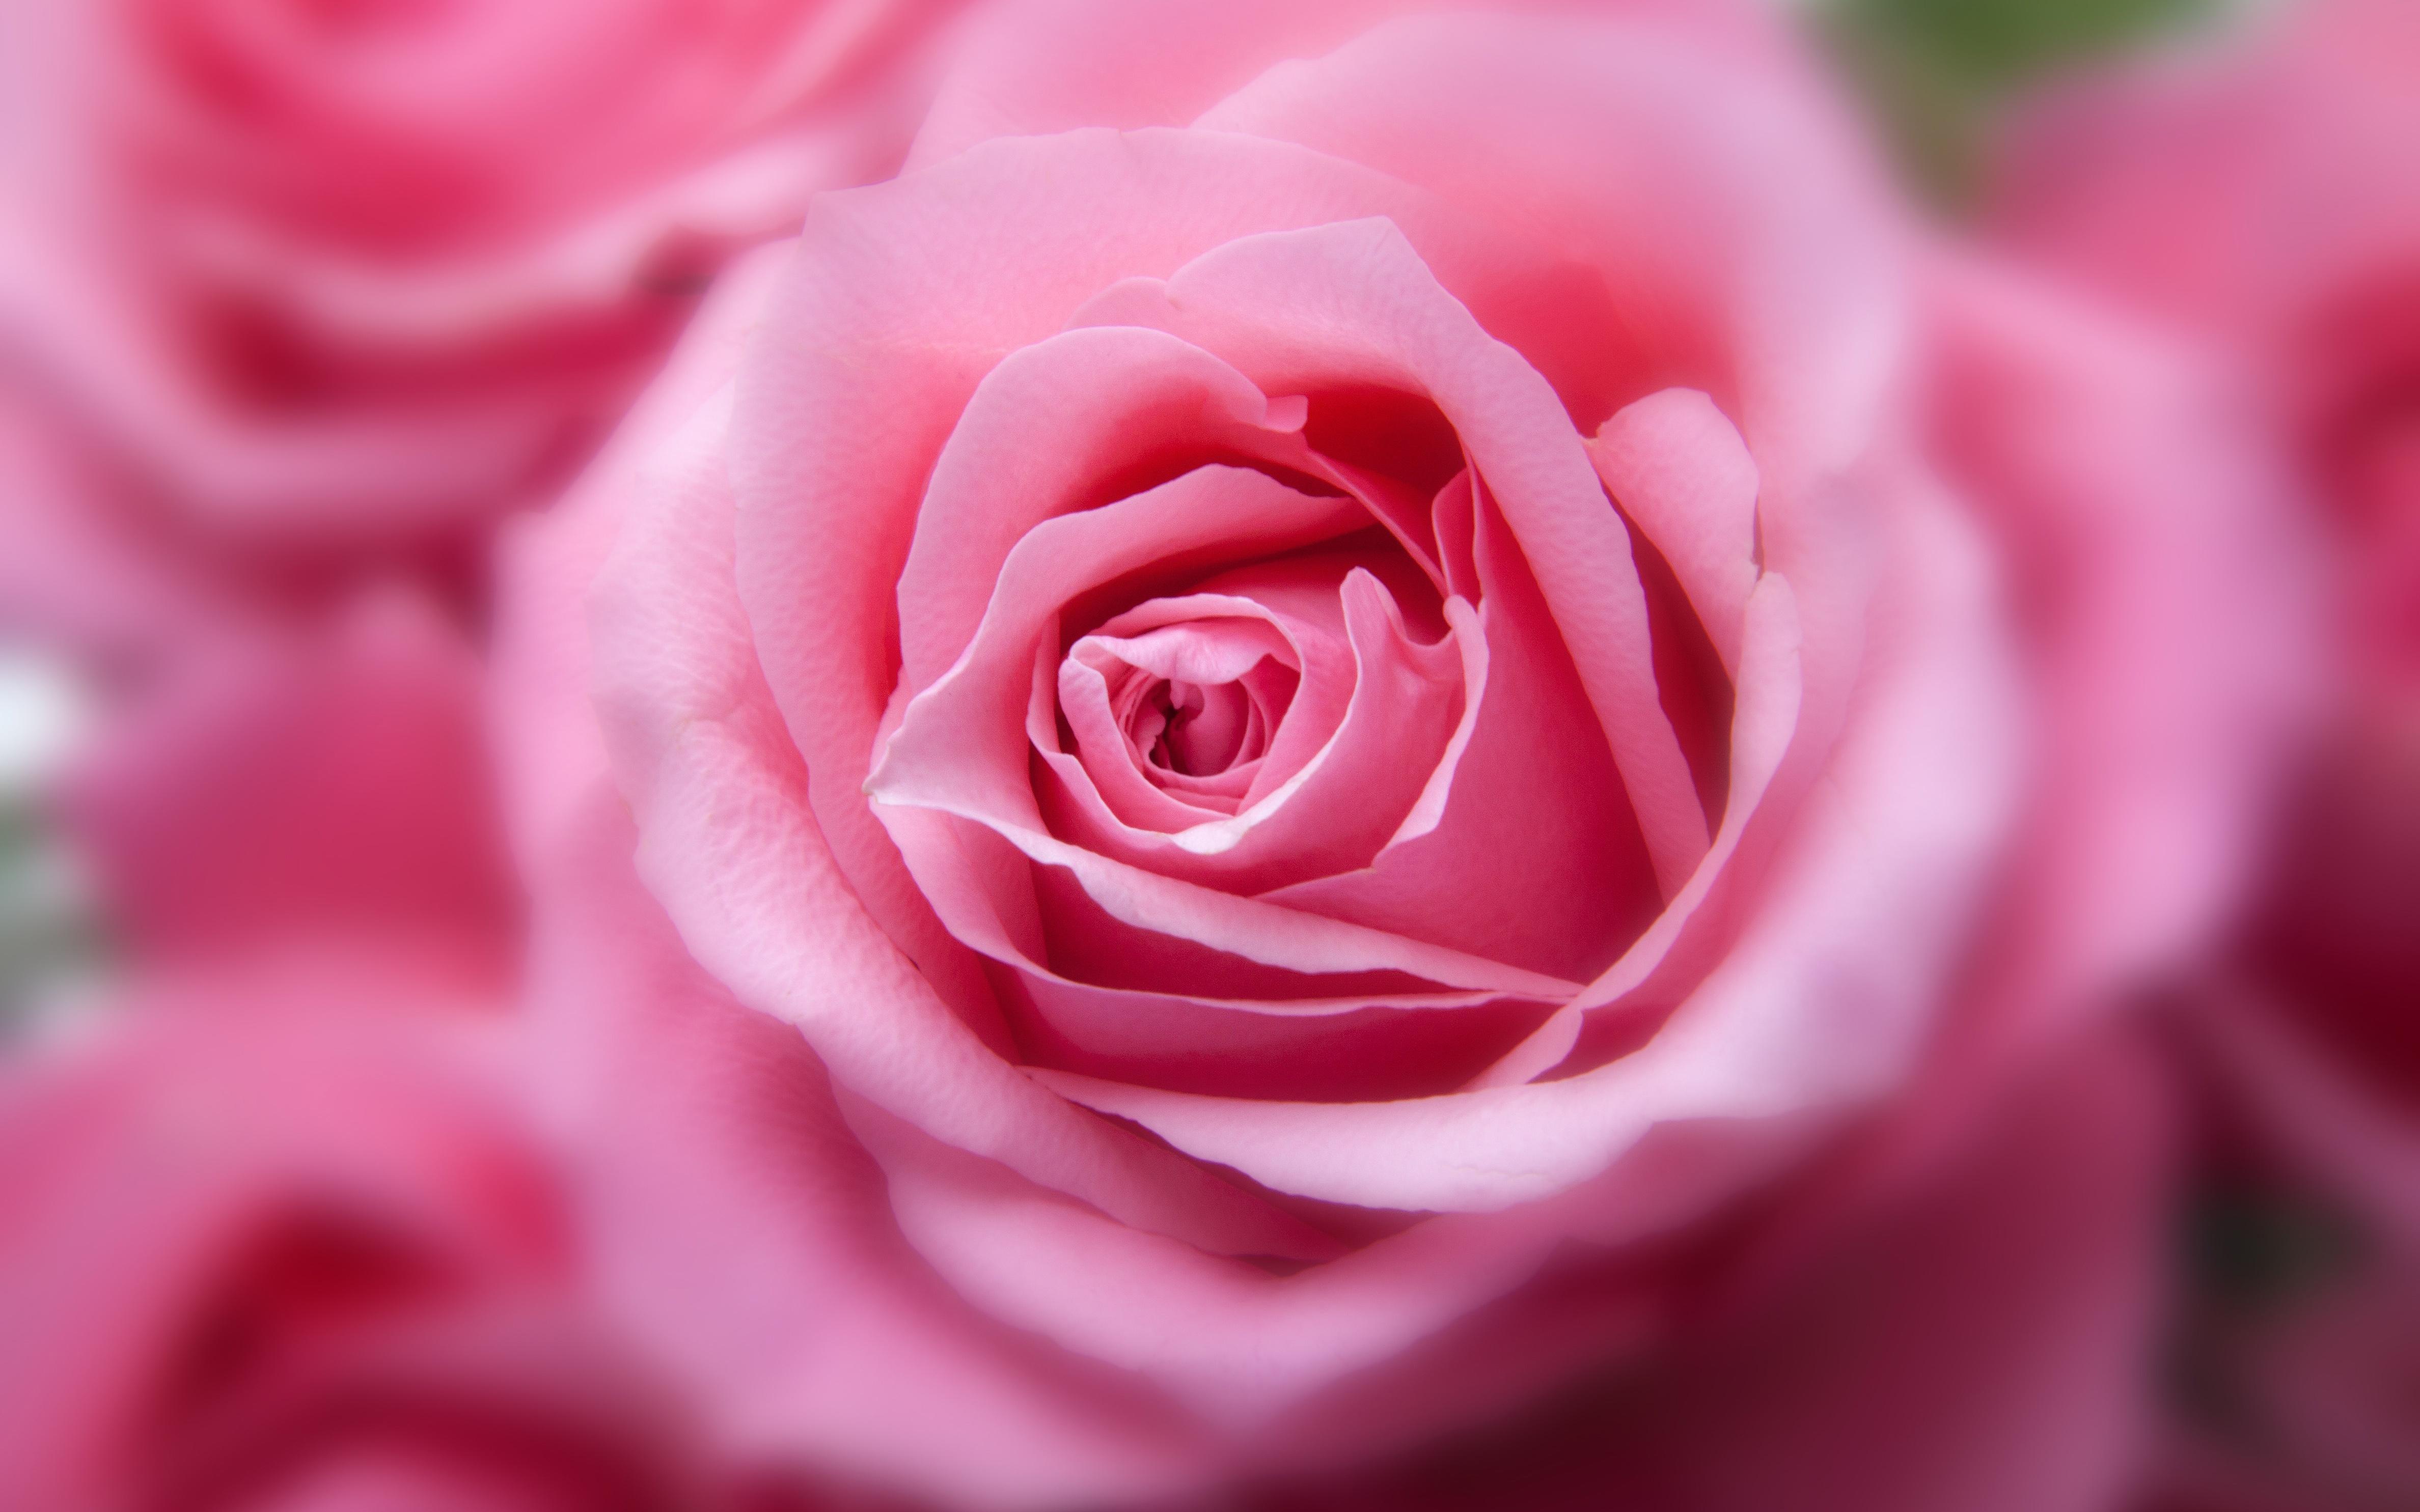 Открытки днем, красивые цветы картинки розы